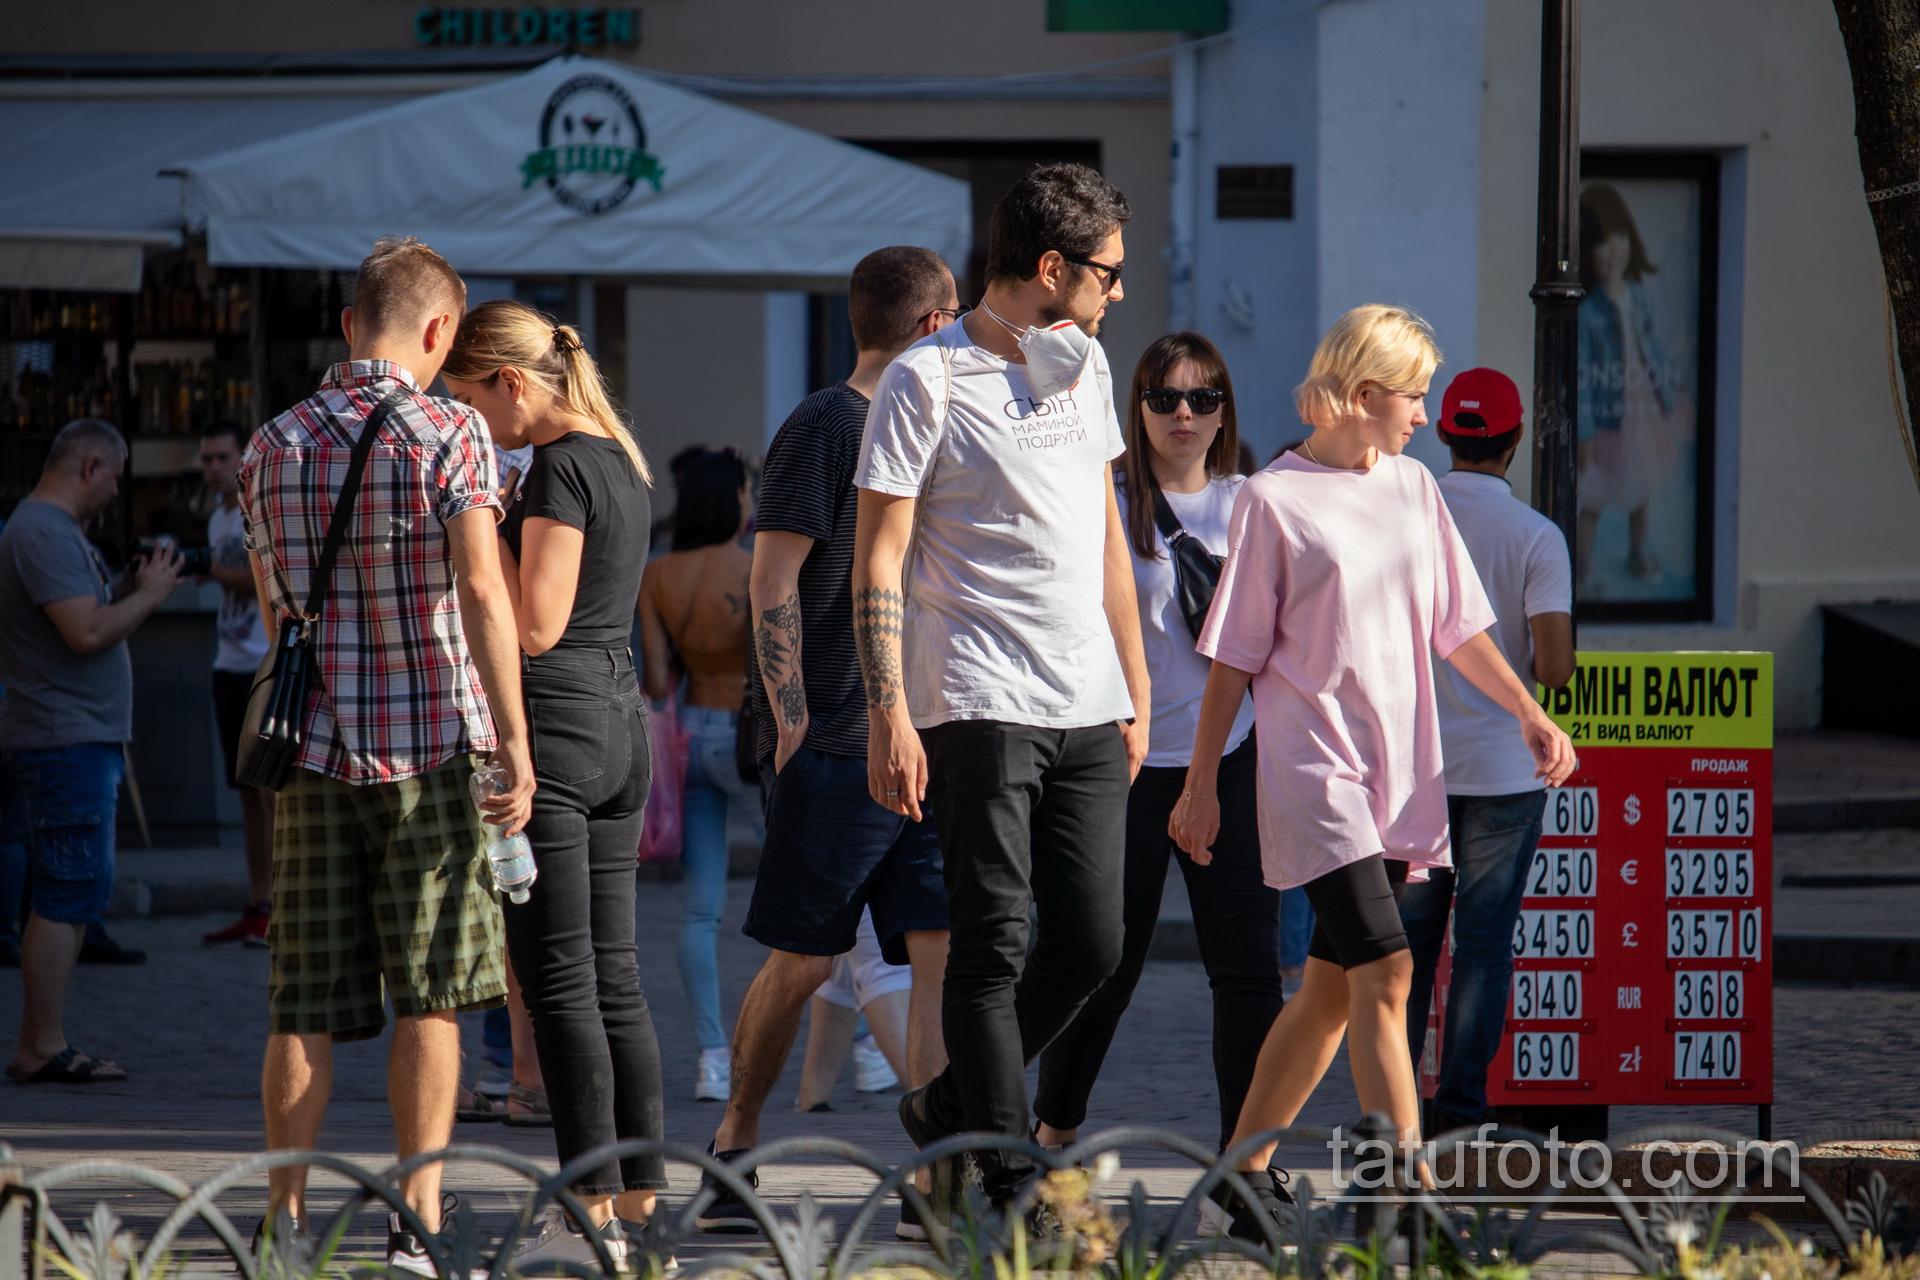 Черные тату с ромбами на правой руке парня Дерибасовской - Уличная татуировка 14.09.2020 – tatufoto.com 5